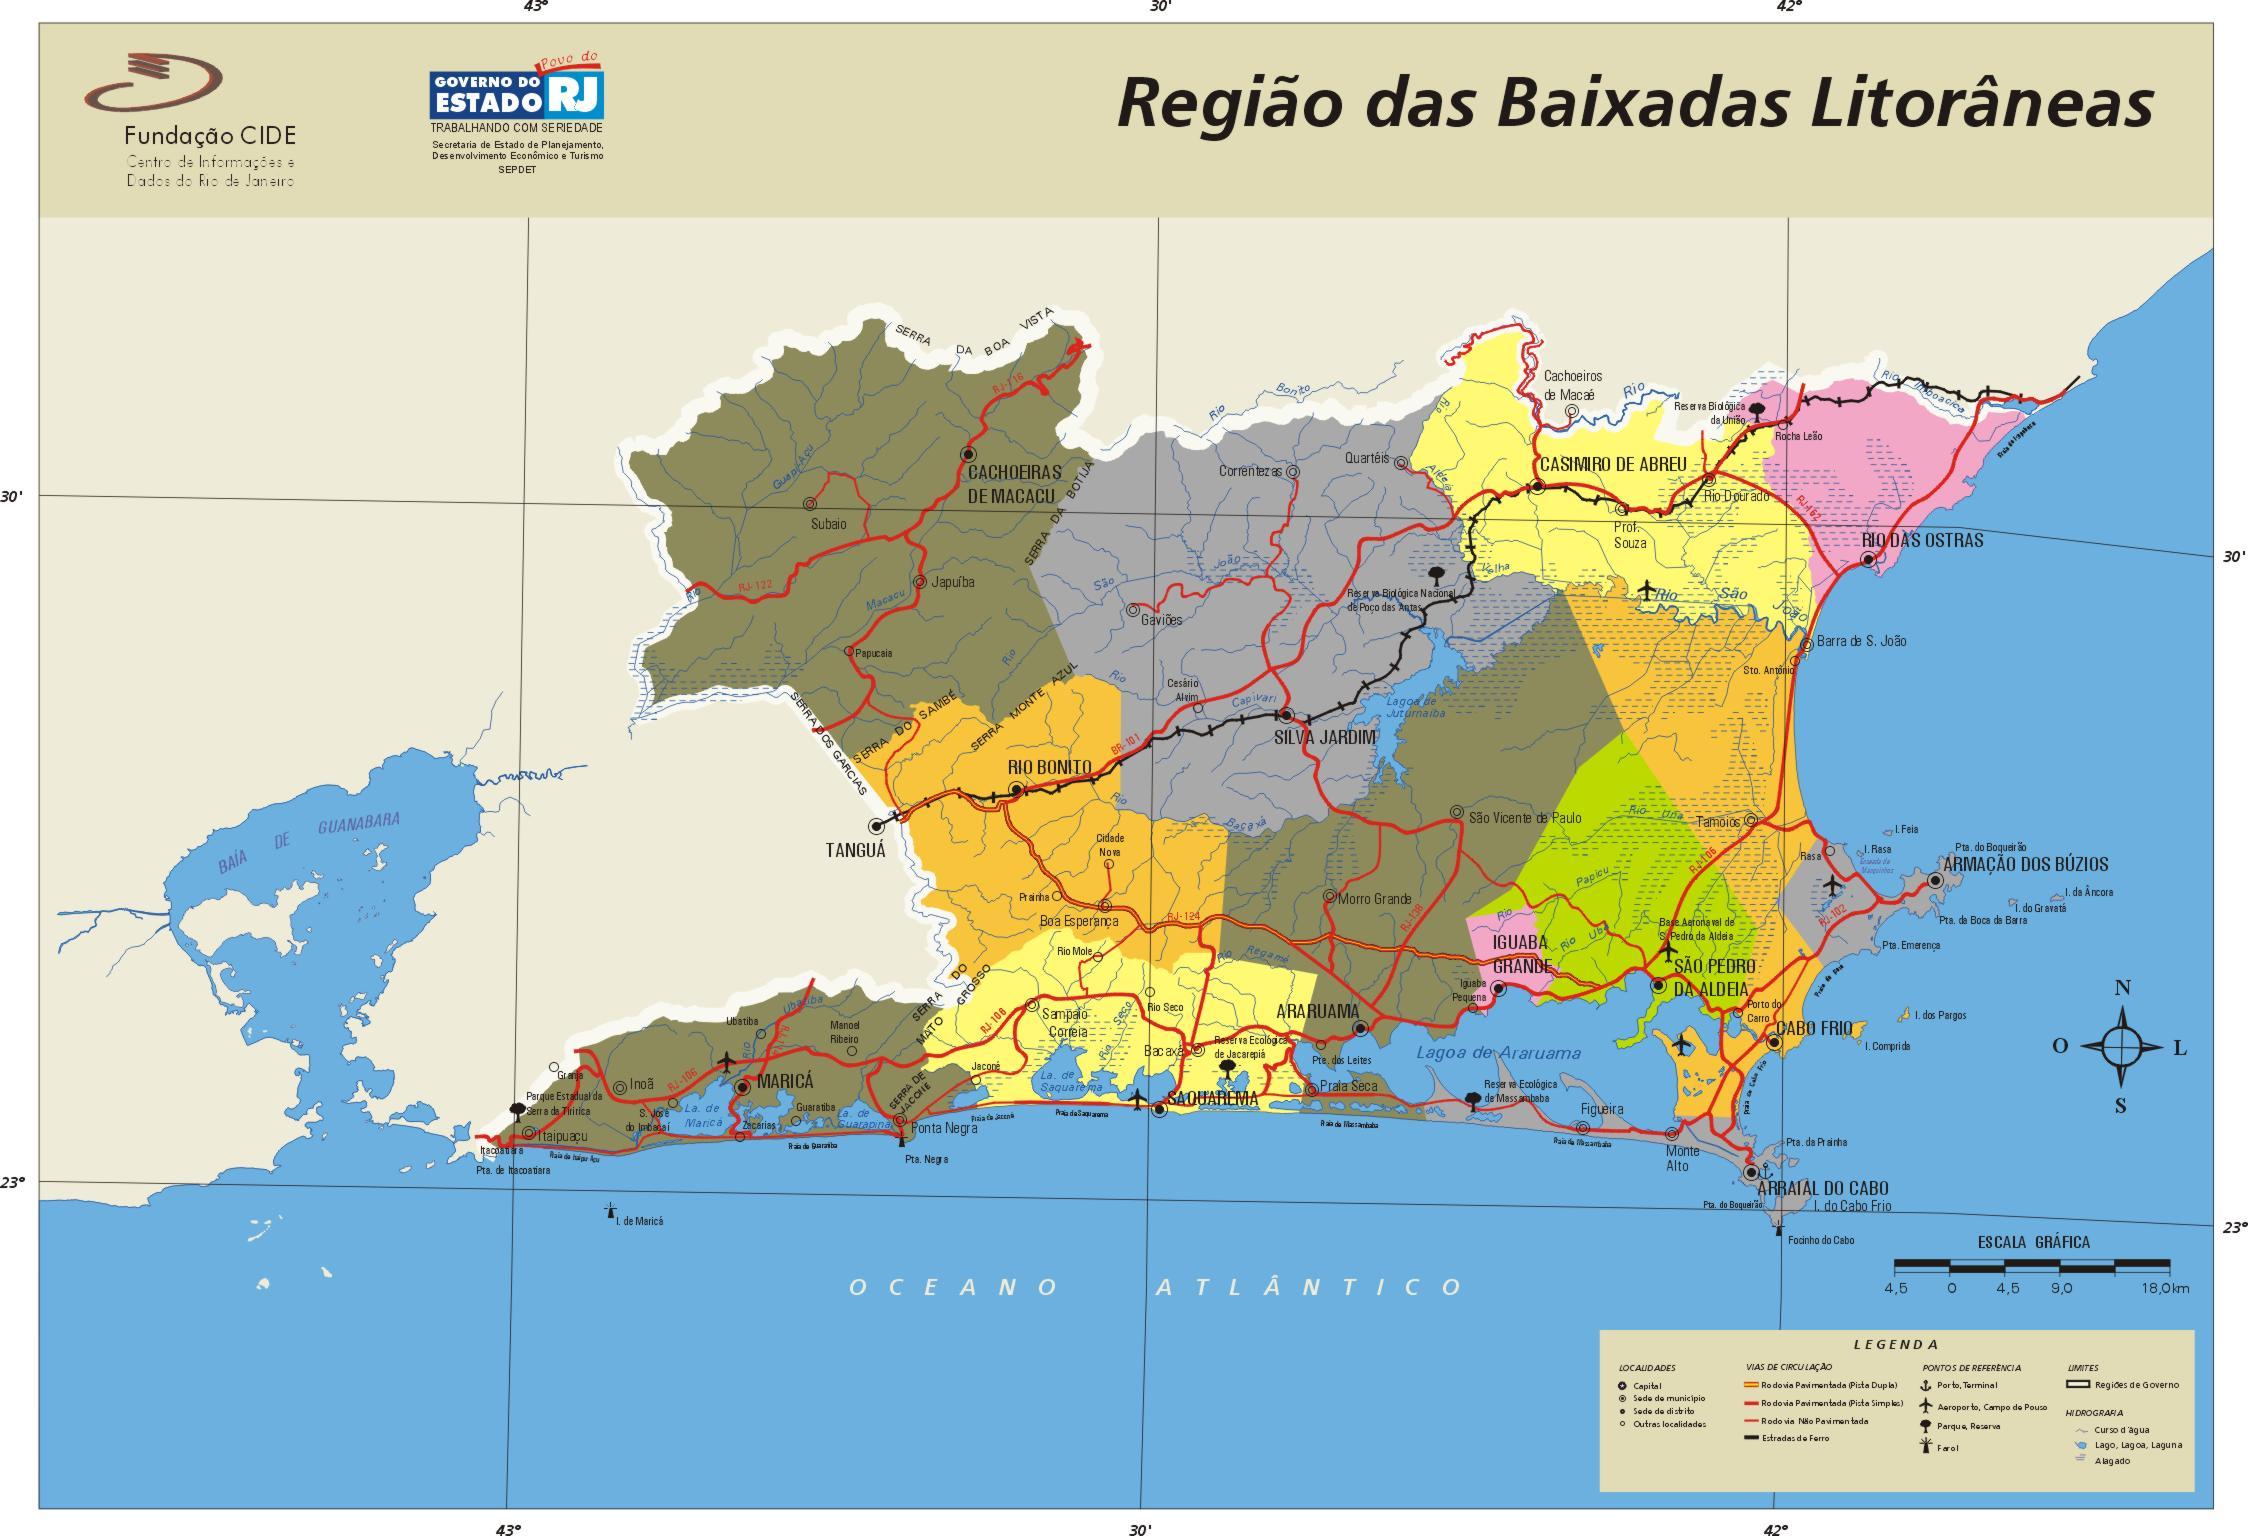 Baixadas Litorâneas Region Map, Rio de Janeiro State, Brazil